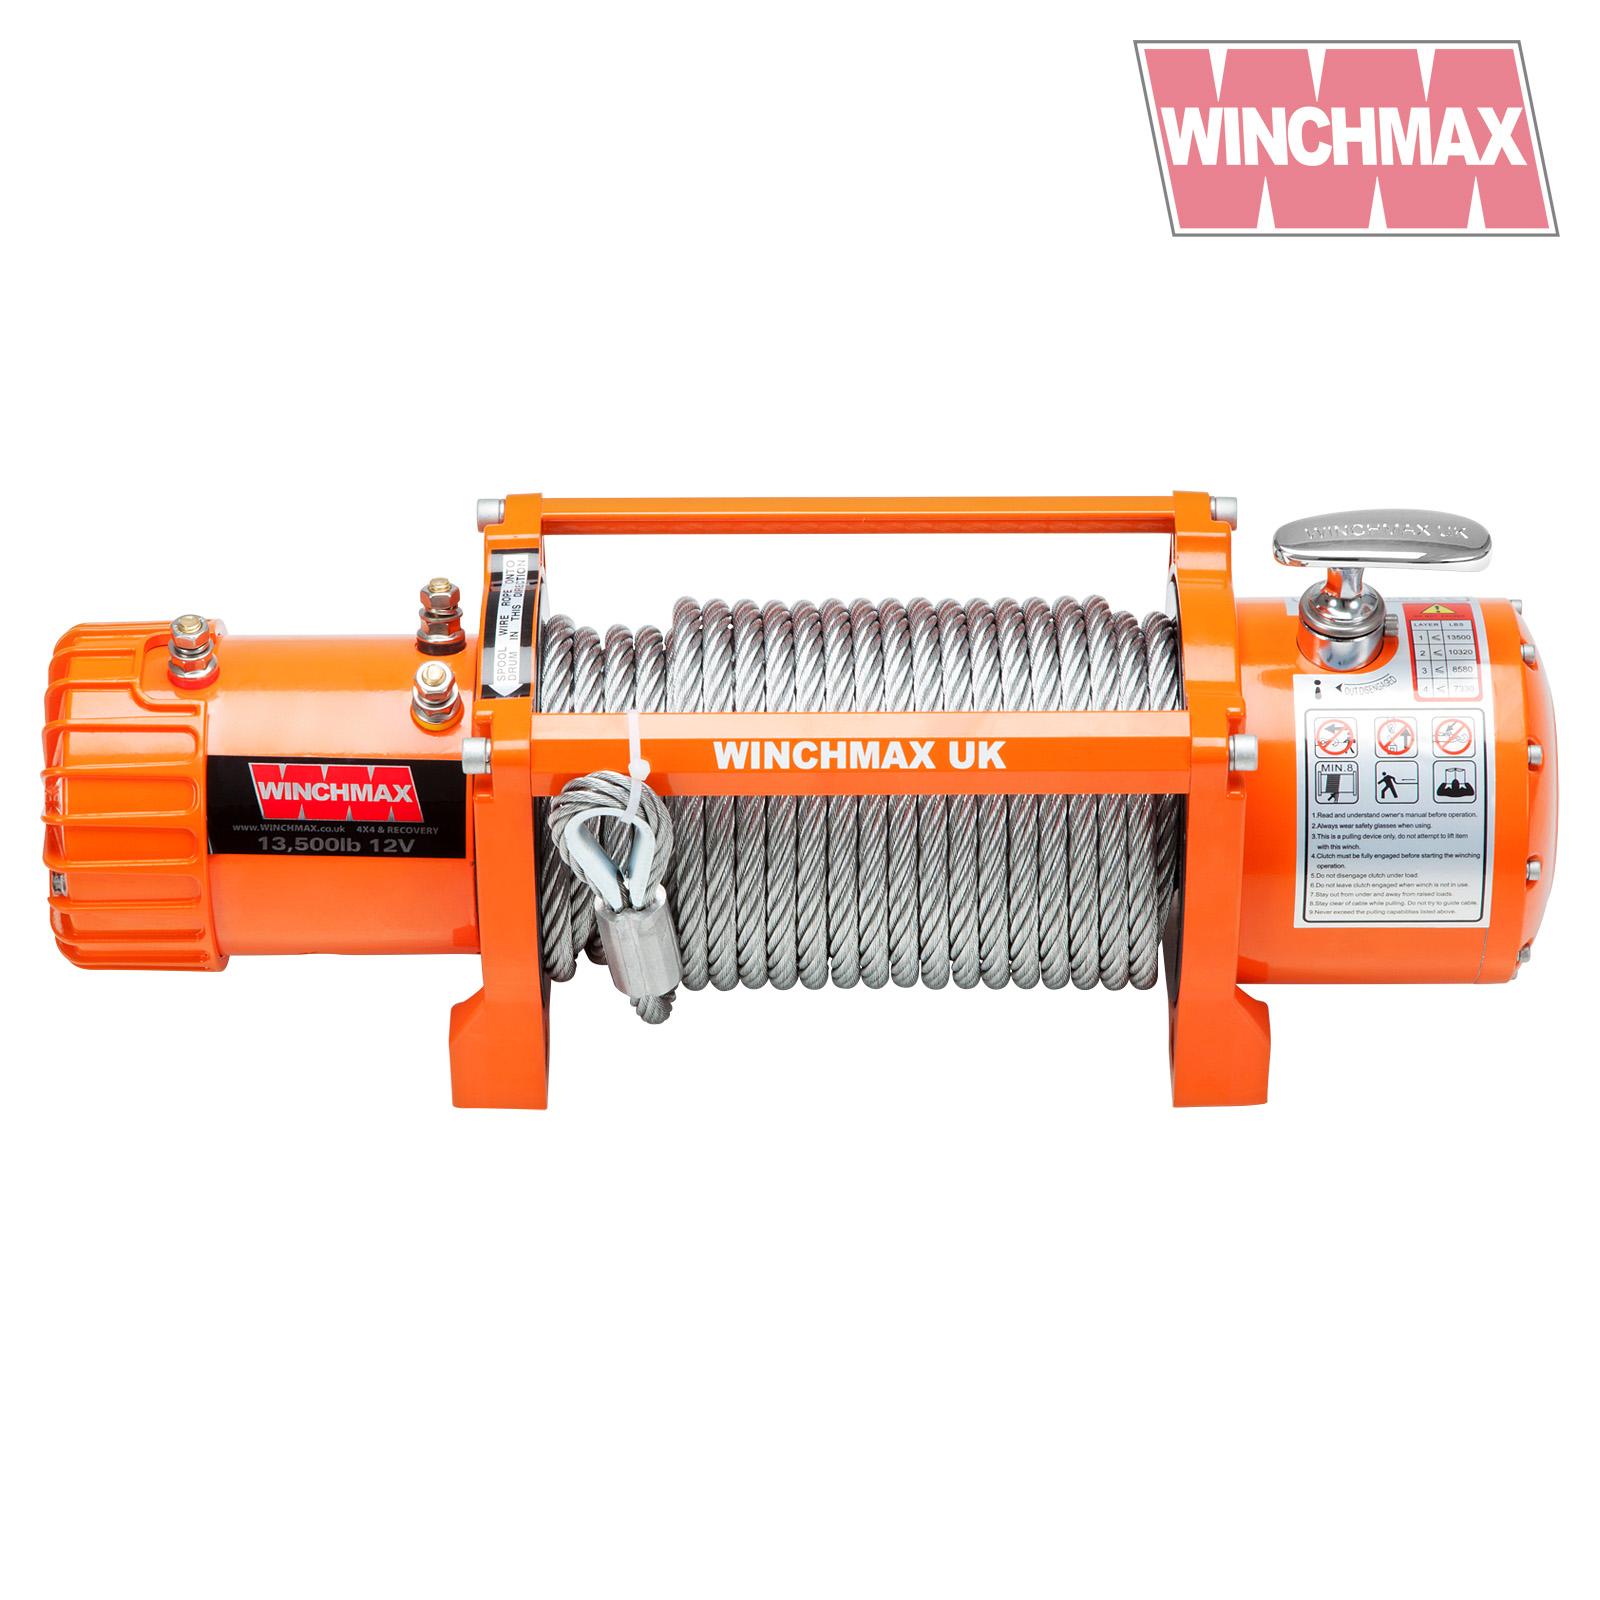 Wm1350012v winchmax 549